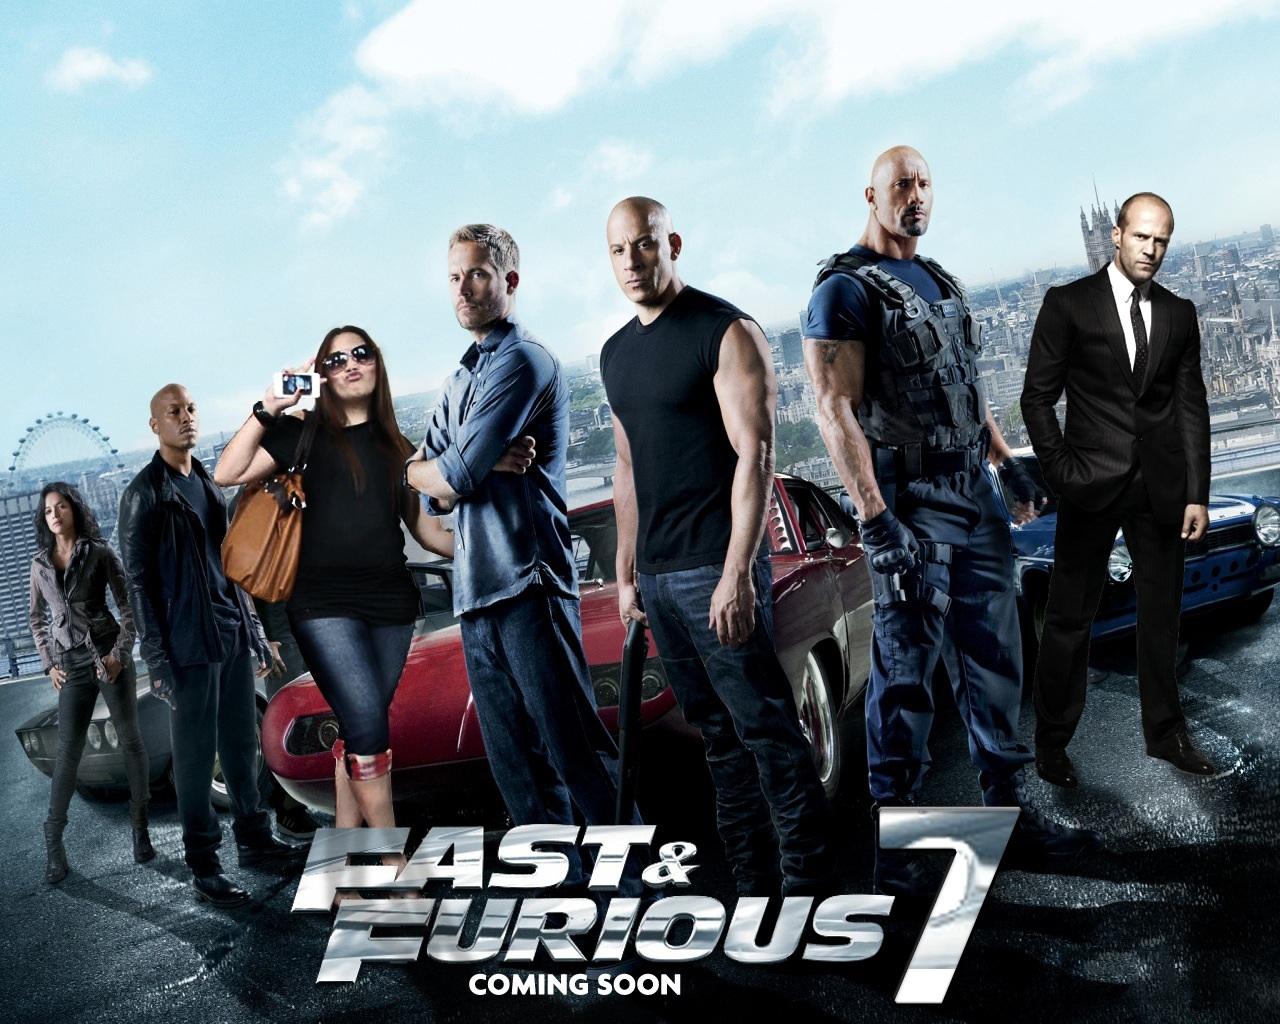 fast-furious-7-kinostart-trailer-01